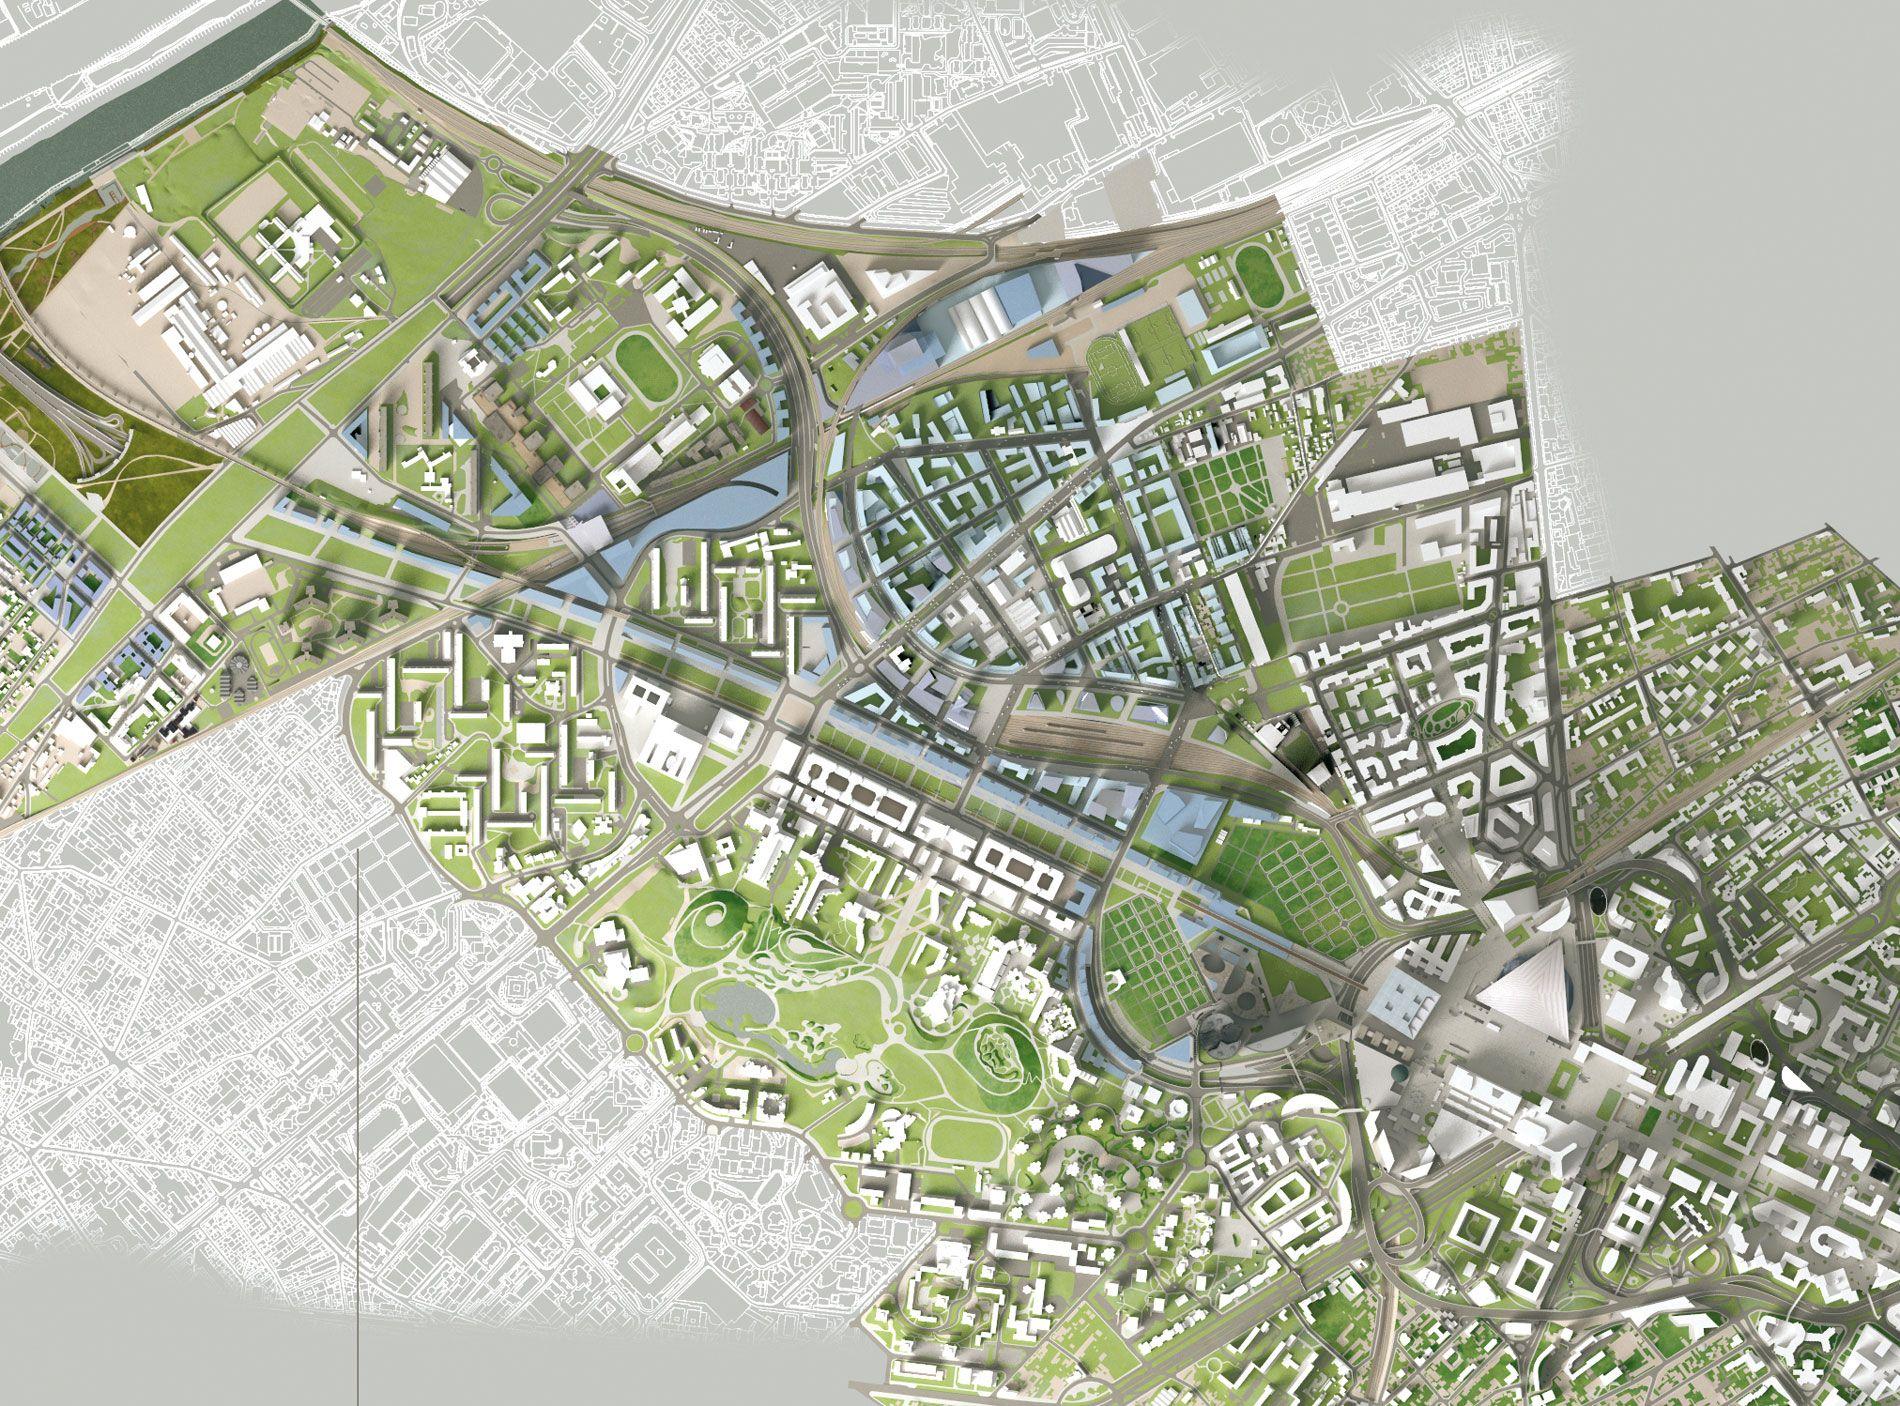 Nanterre les groues1 hd 560635 1325843062 1900 1406 for 3d site plan